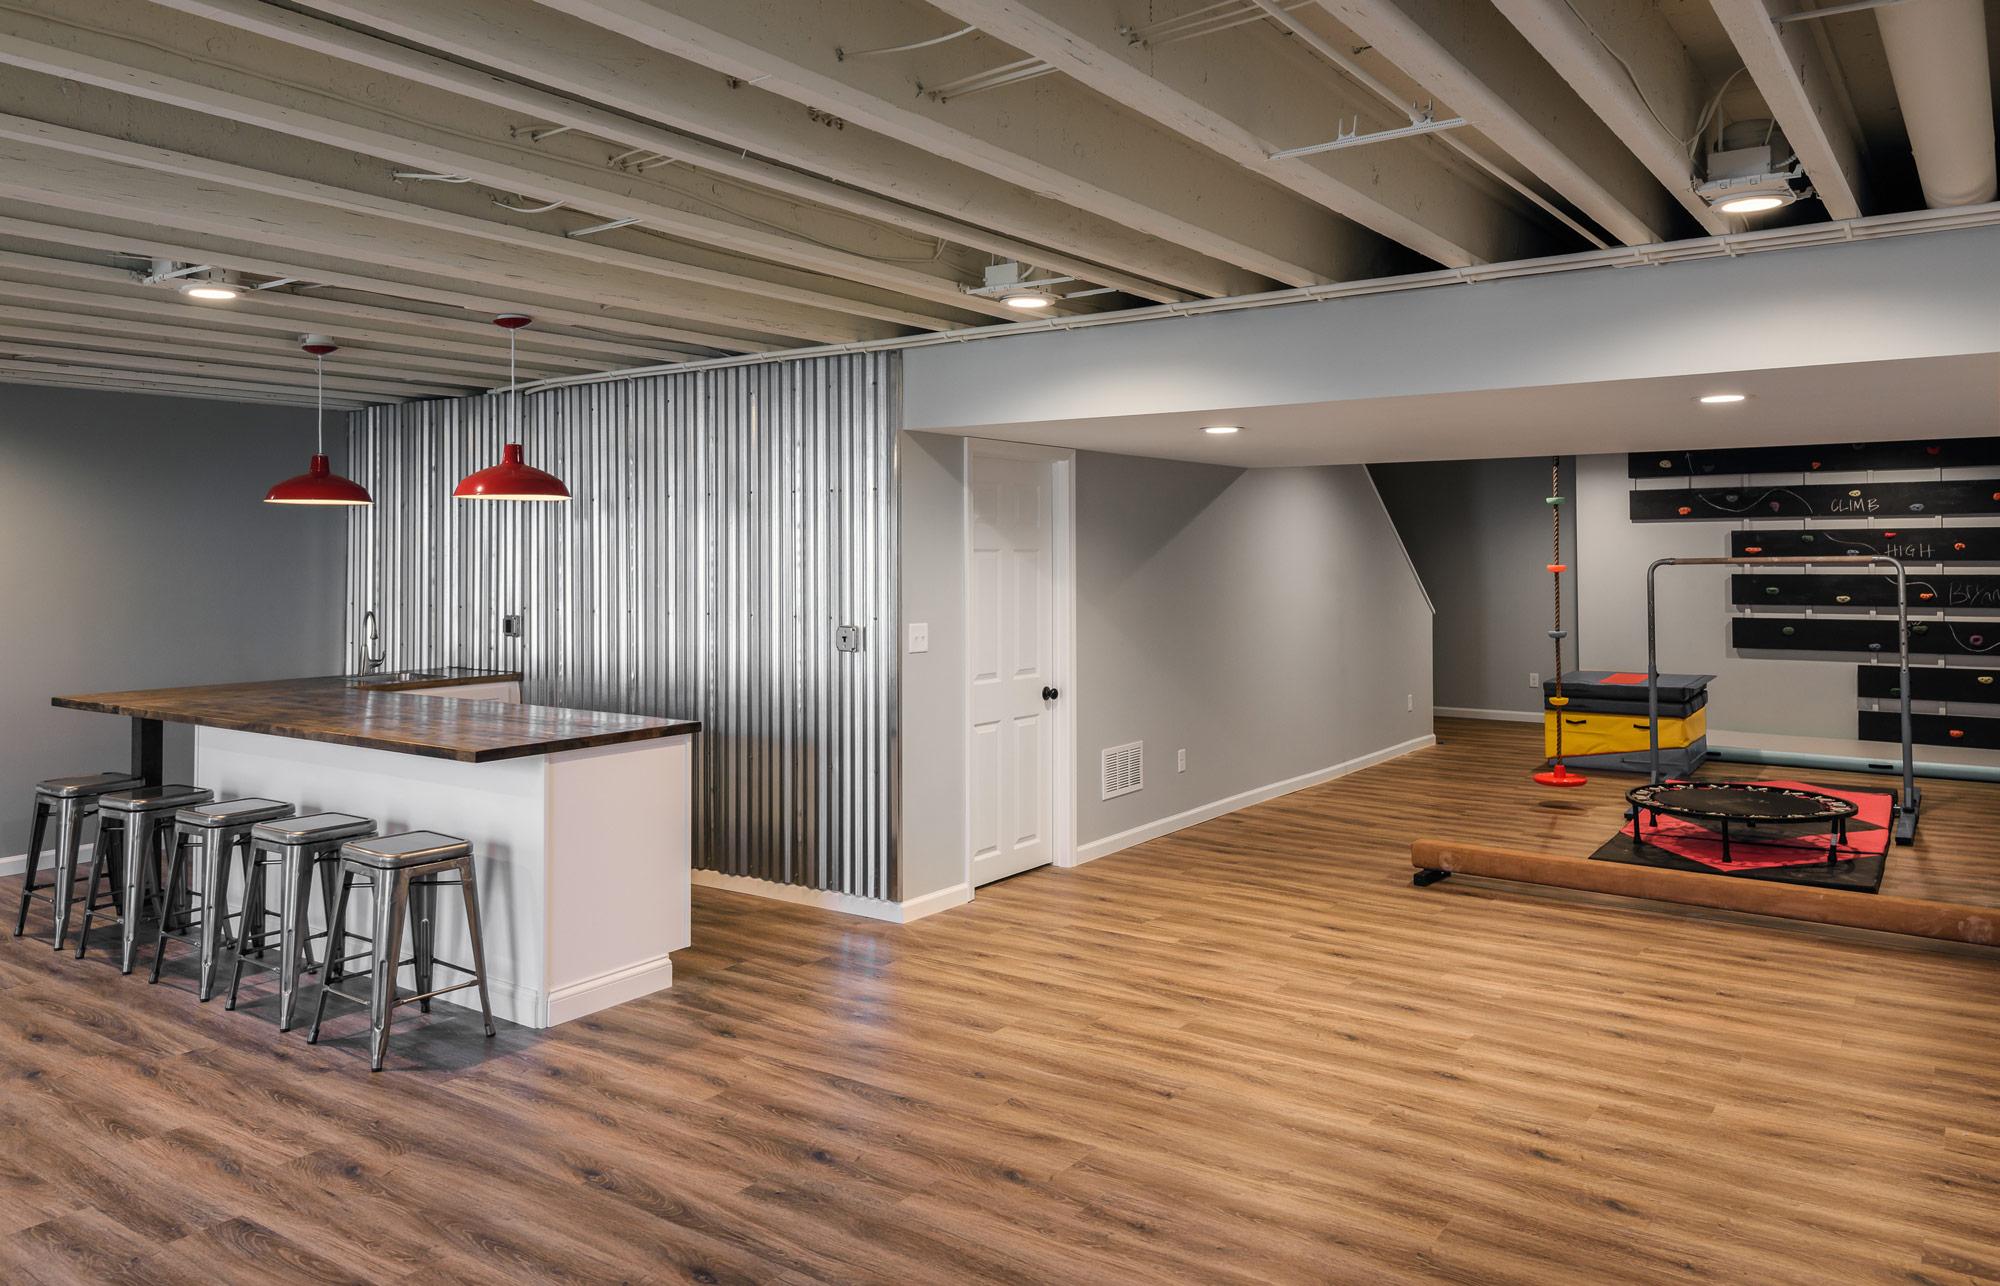 Chattanoogoa-basement-full-2.jpg